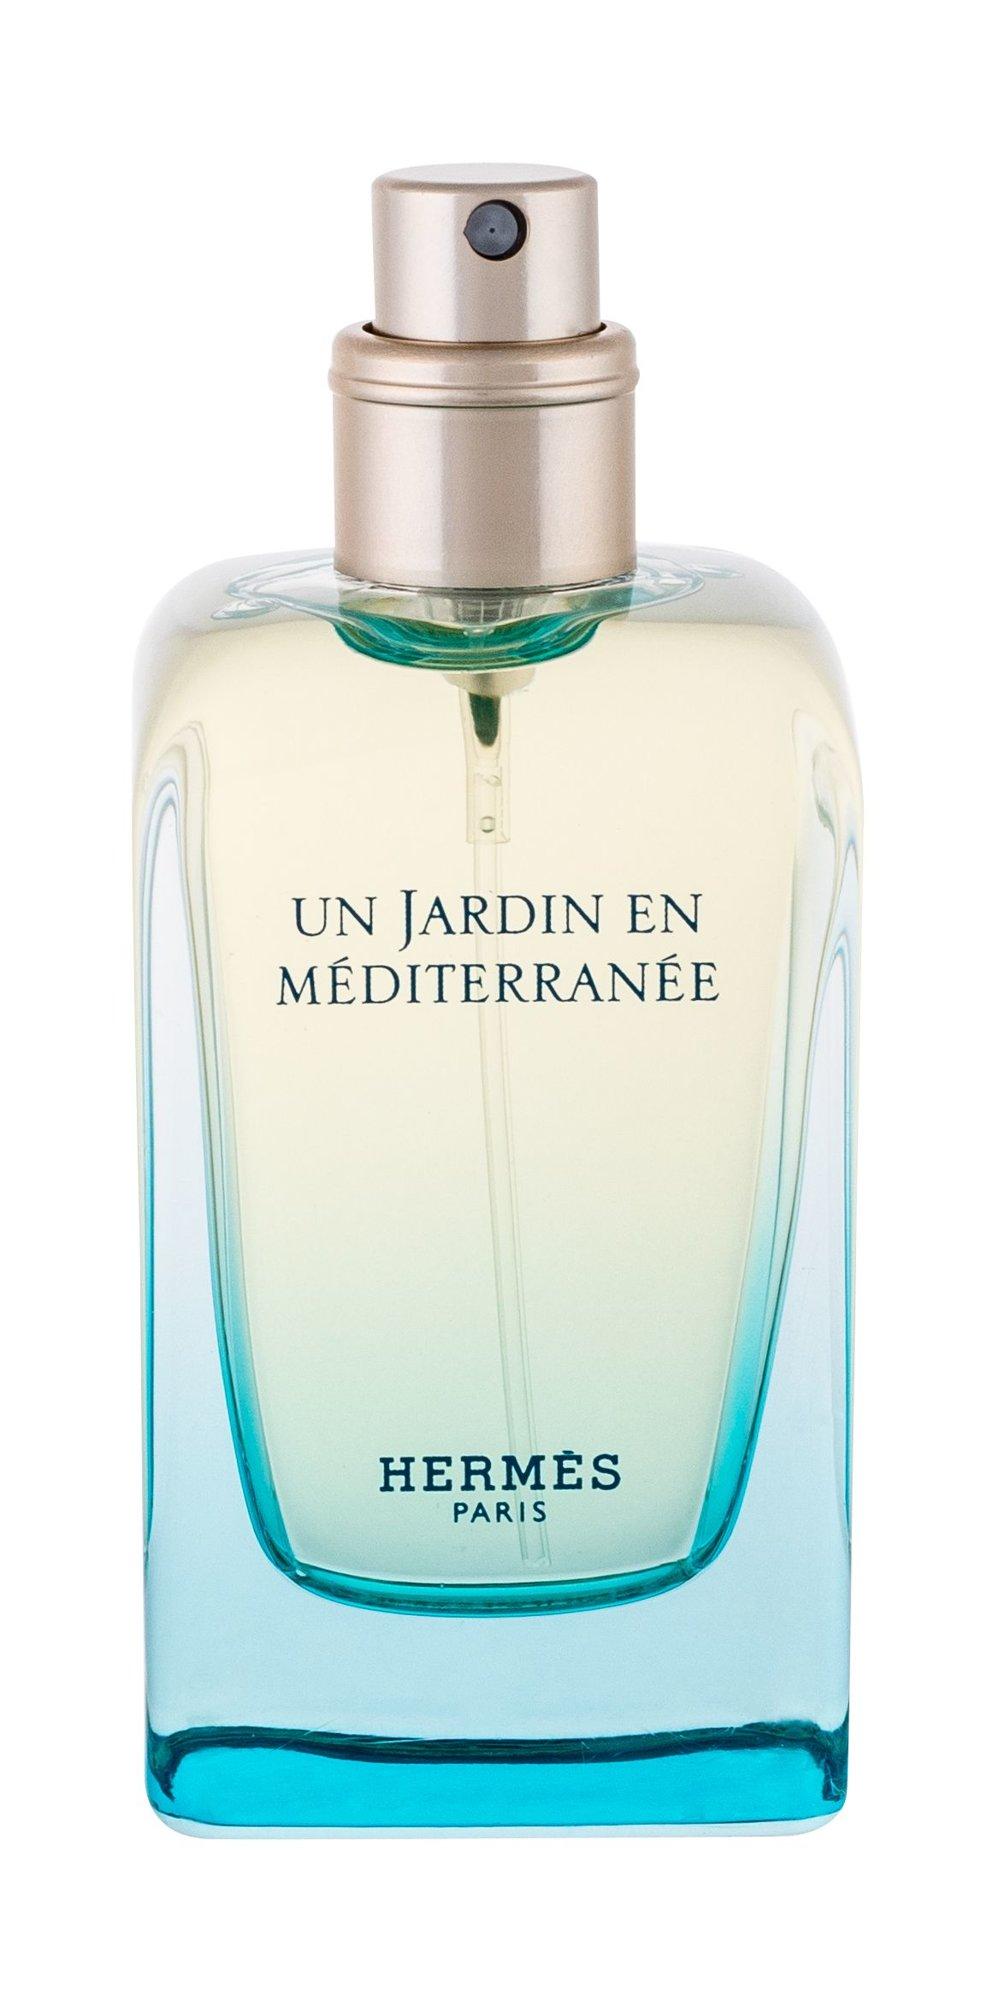 Hermes Un Jardin Eau de Toilette 50ml  en Méditerranée